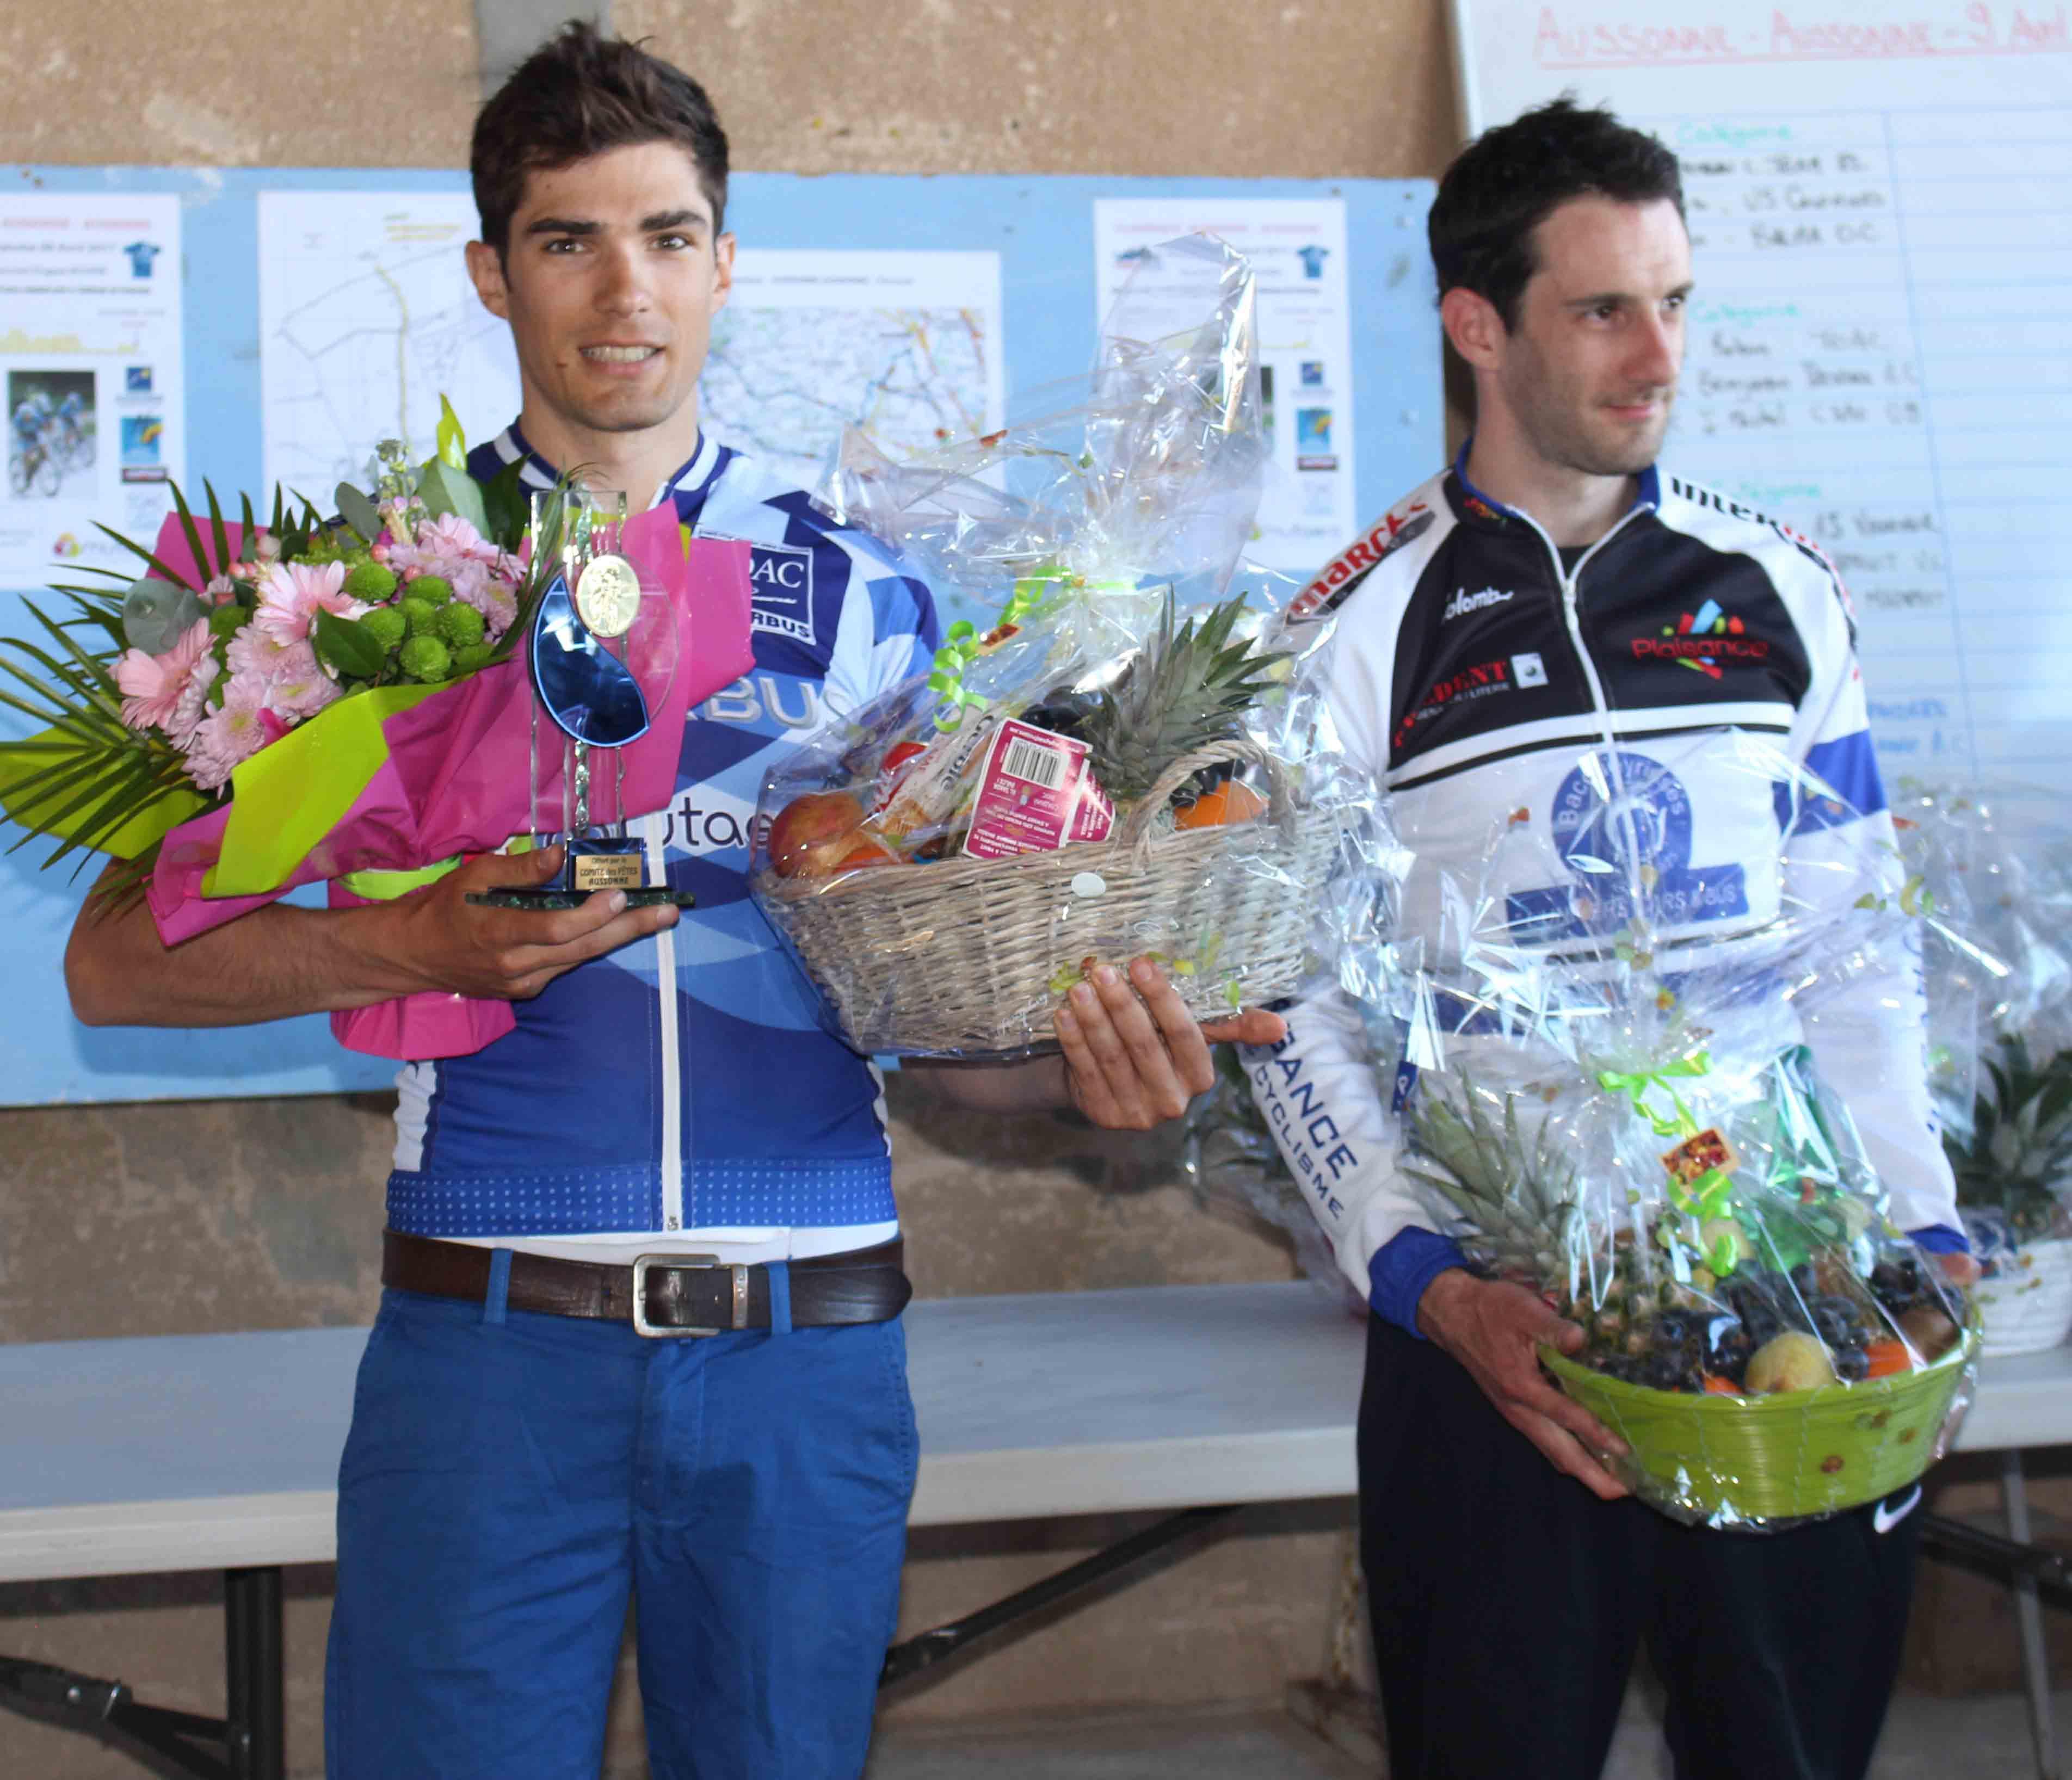 Christophe Robin vainqueur en 2e catégorie, félicitations!